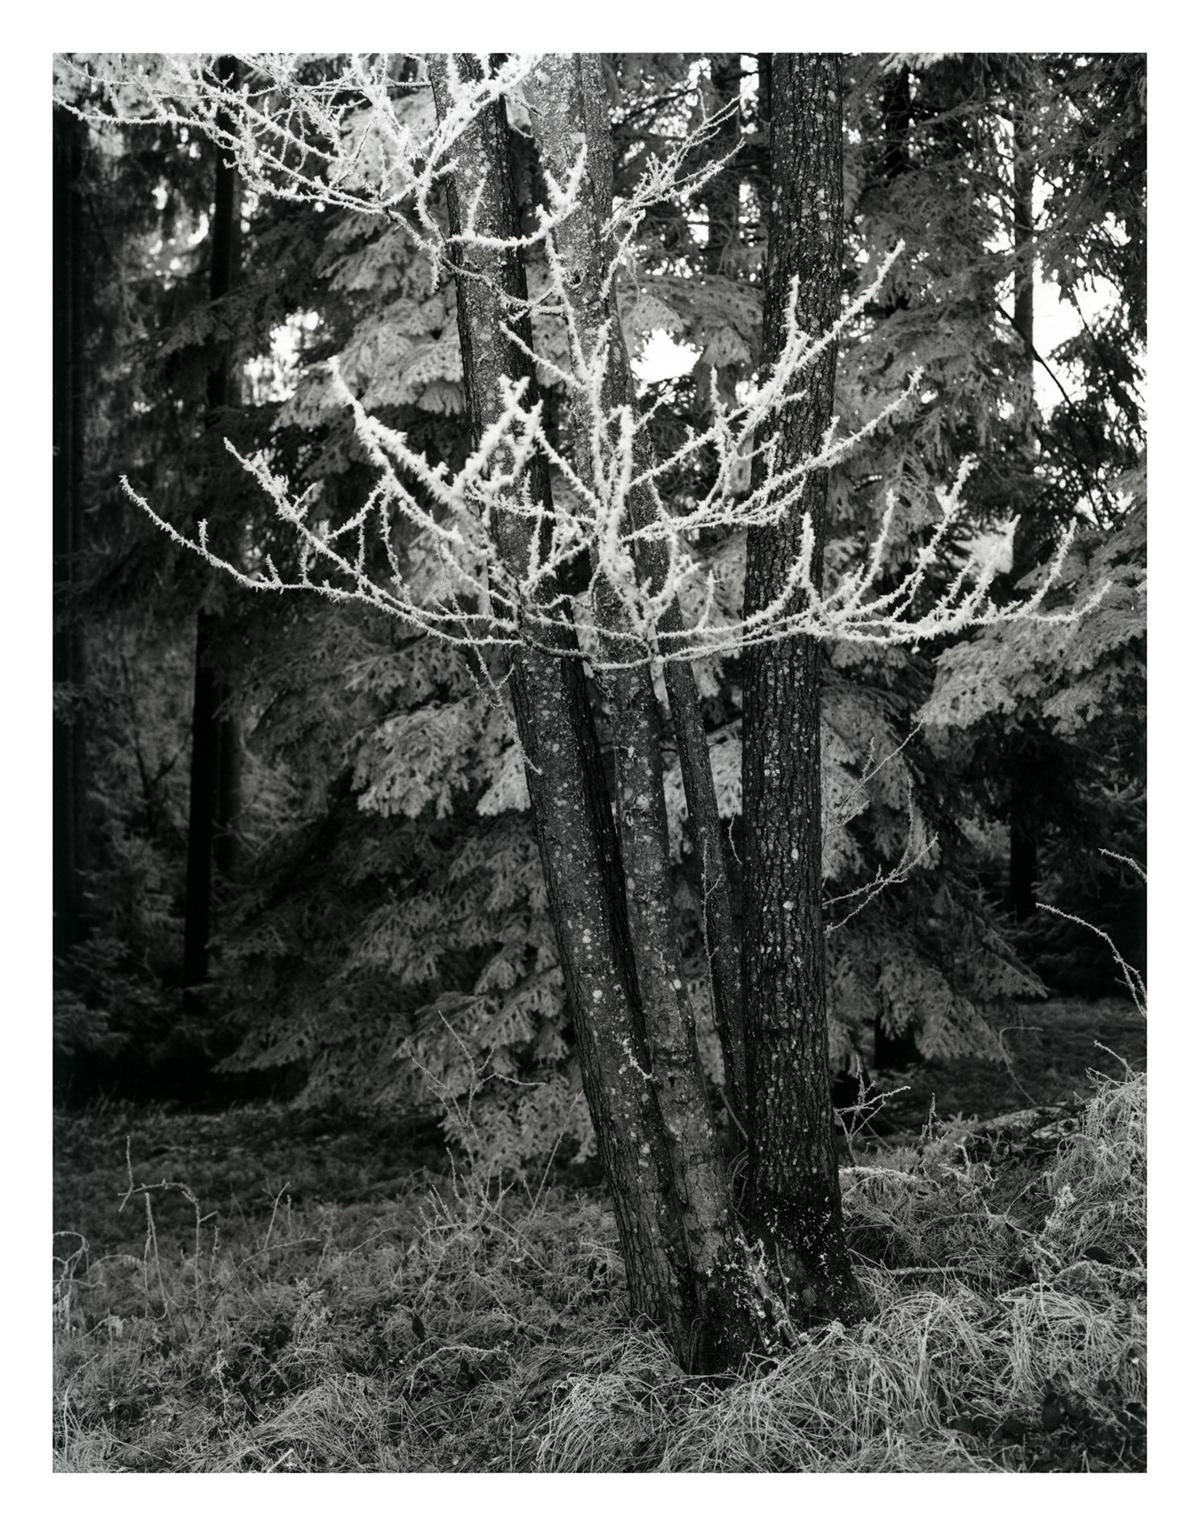 Adobe Portfolio forest film photography darkroom print dunkelkammer Analogfotografie